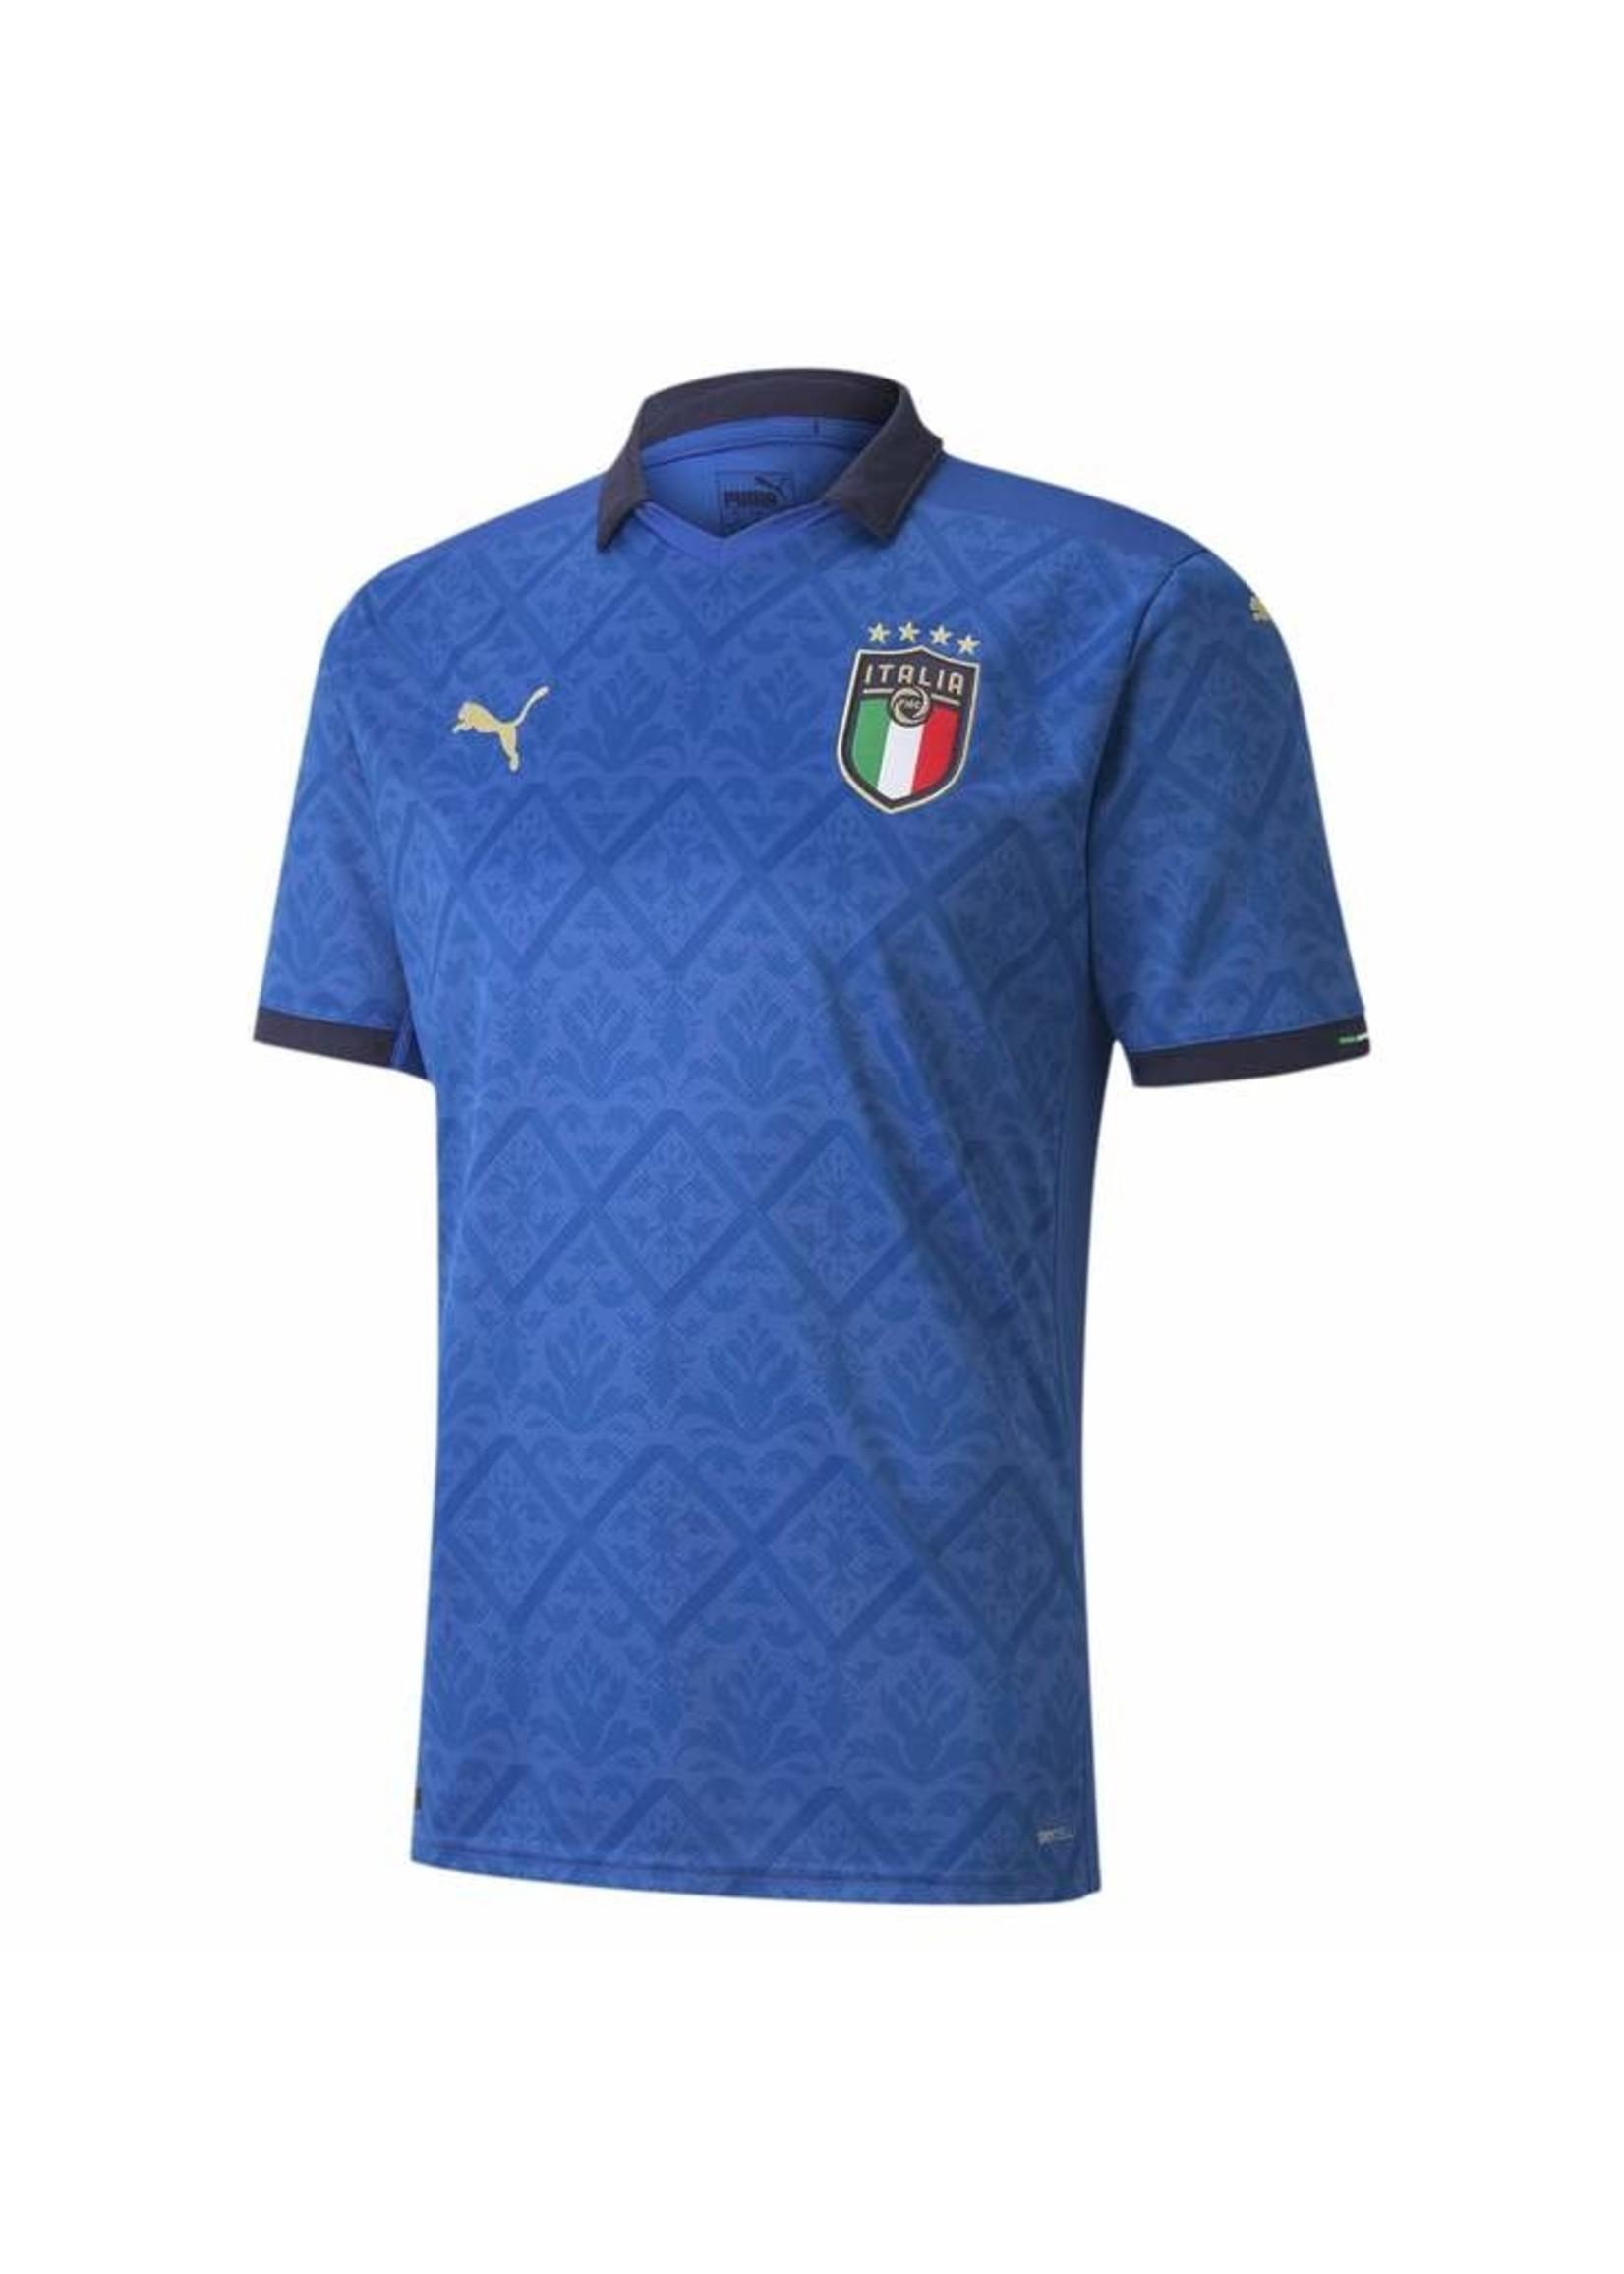 Puma ITALY HOME 2020 JERSEY